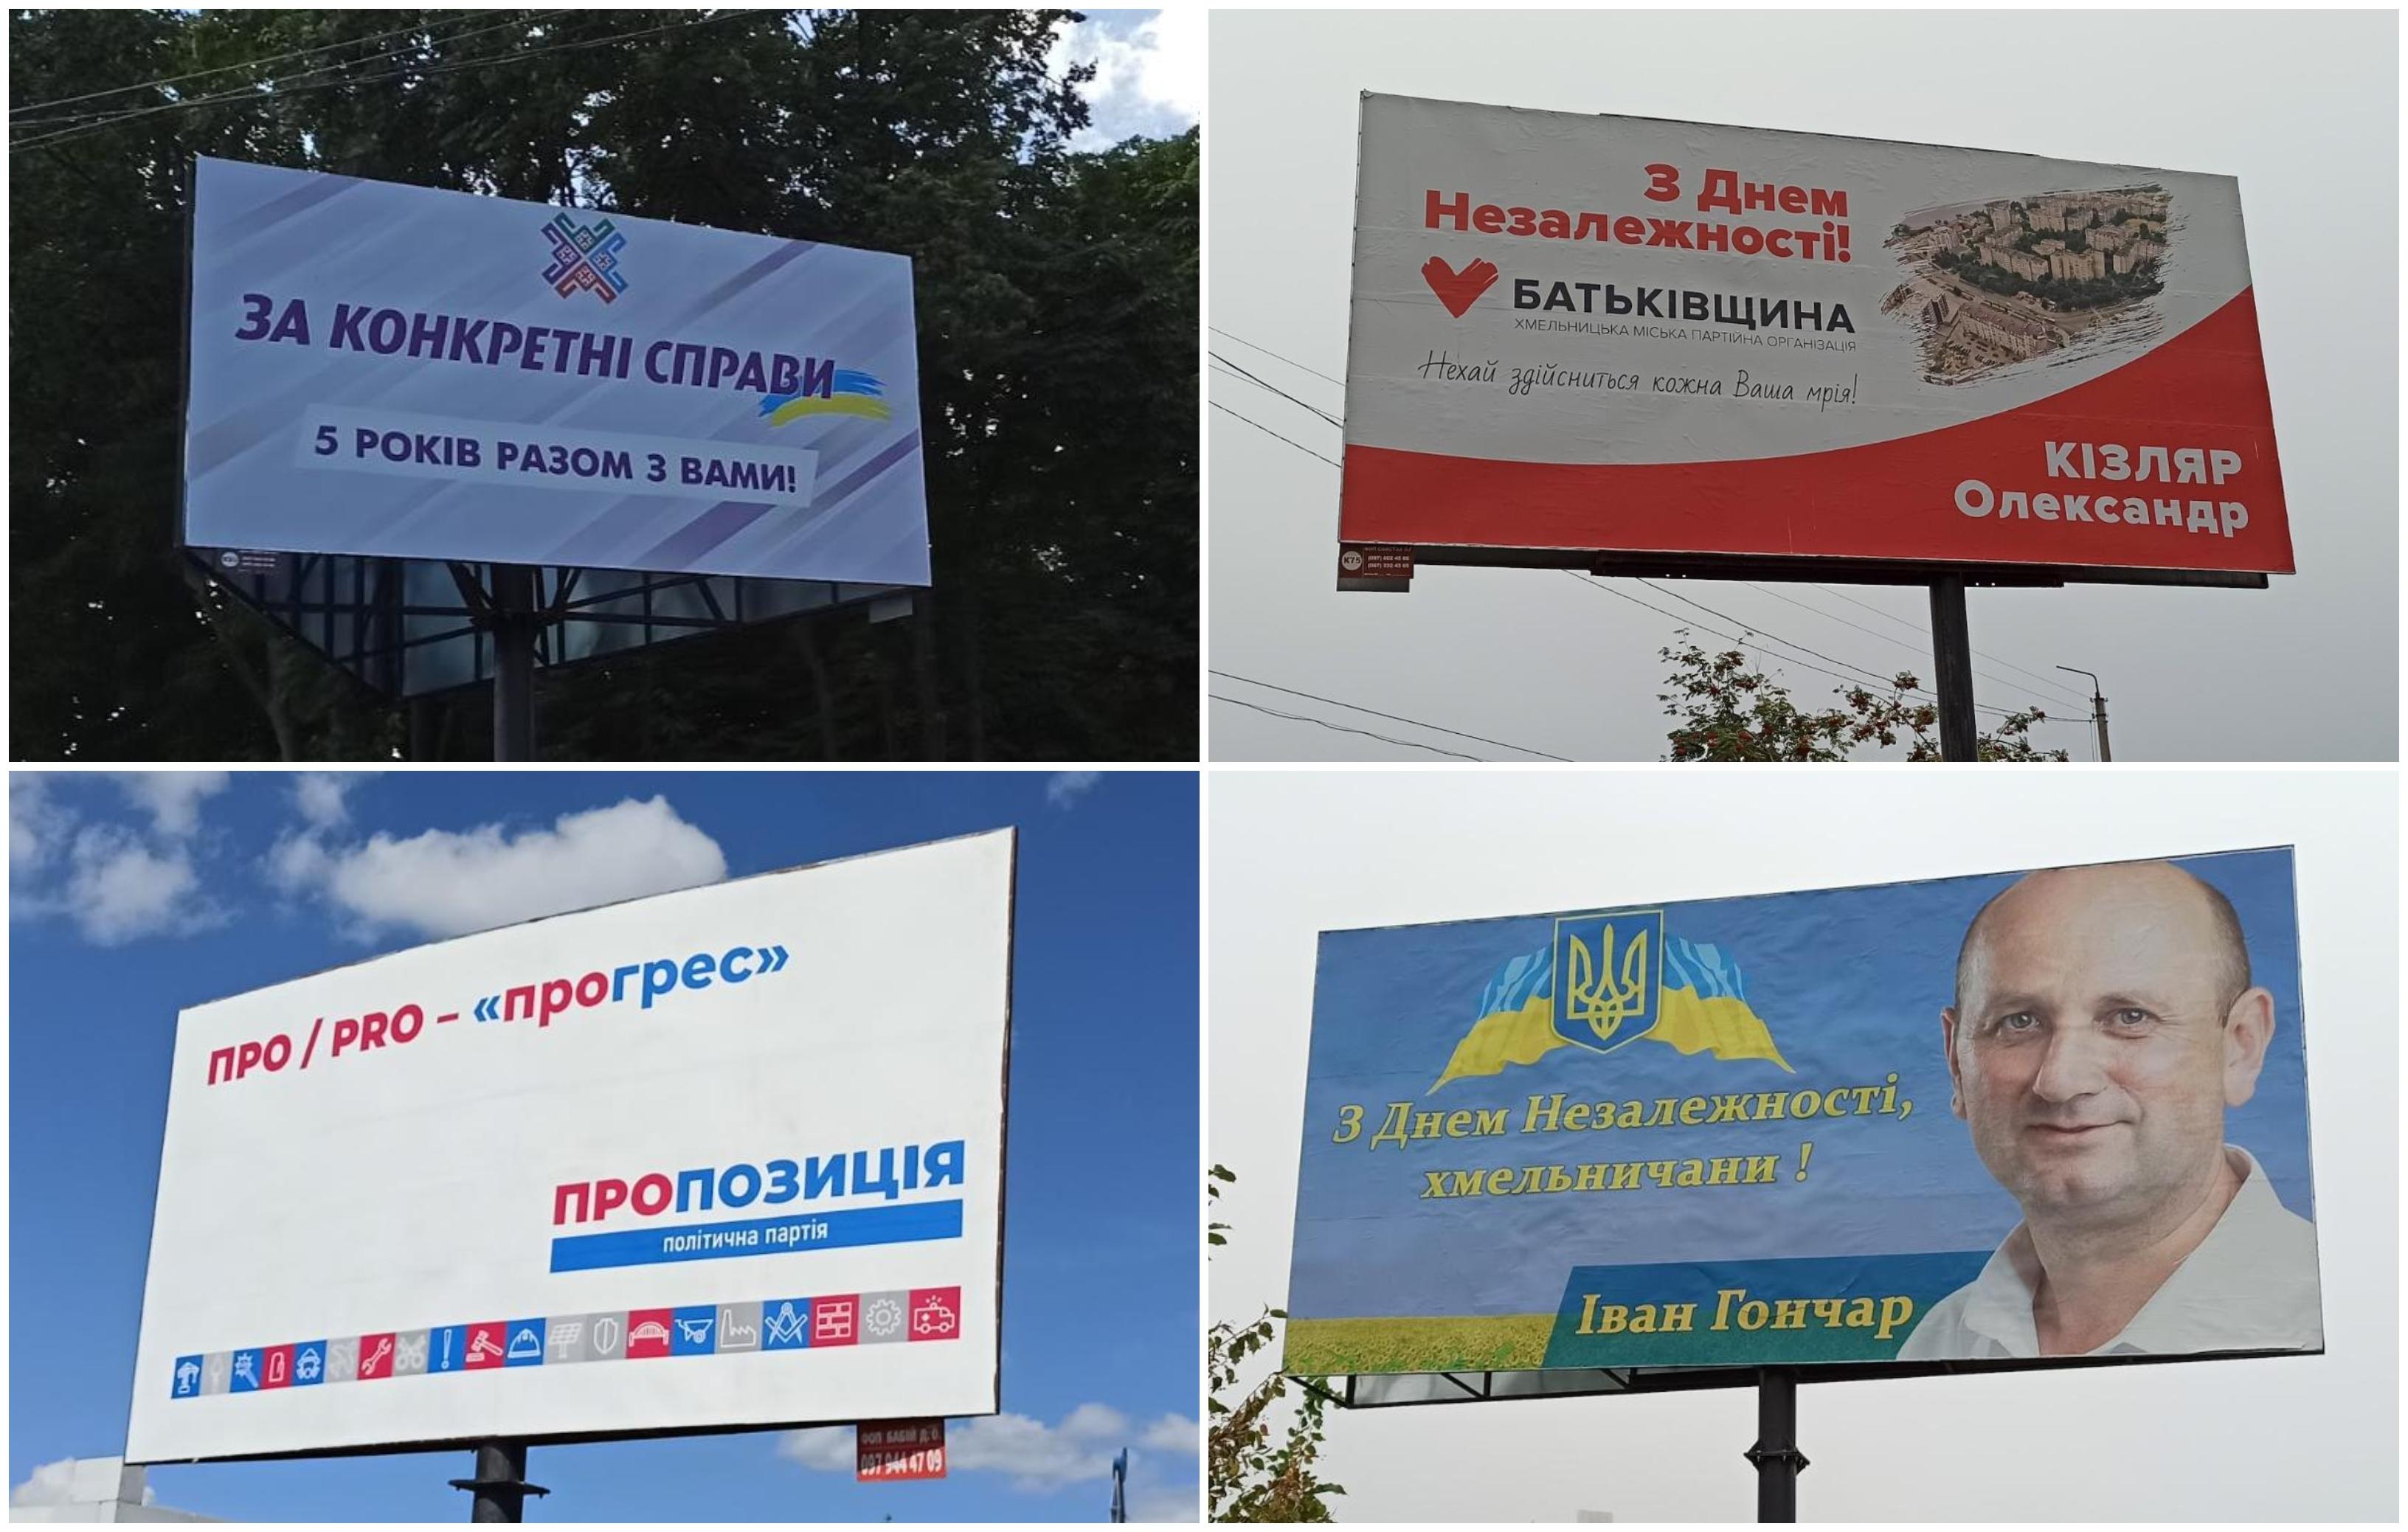 Дочасна агітація у Хмельницькому: хто рекламується в місті? | Громадський  рух ЧЕСНО